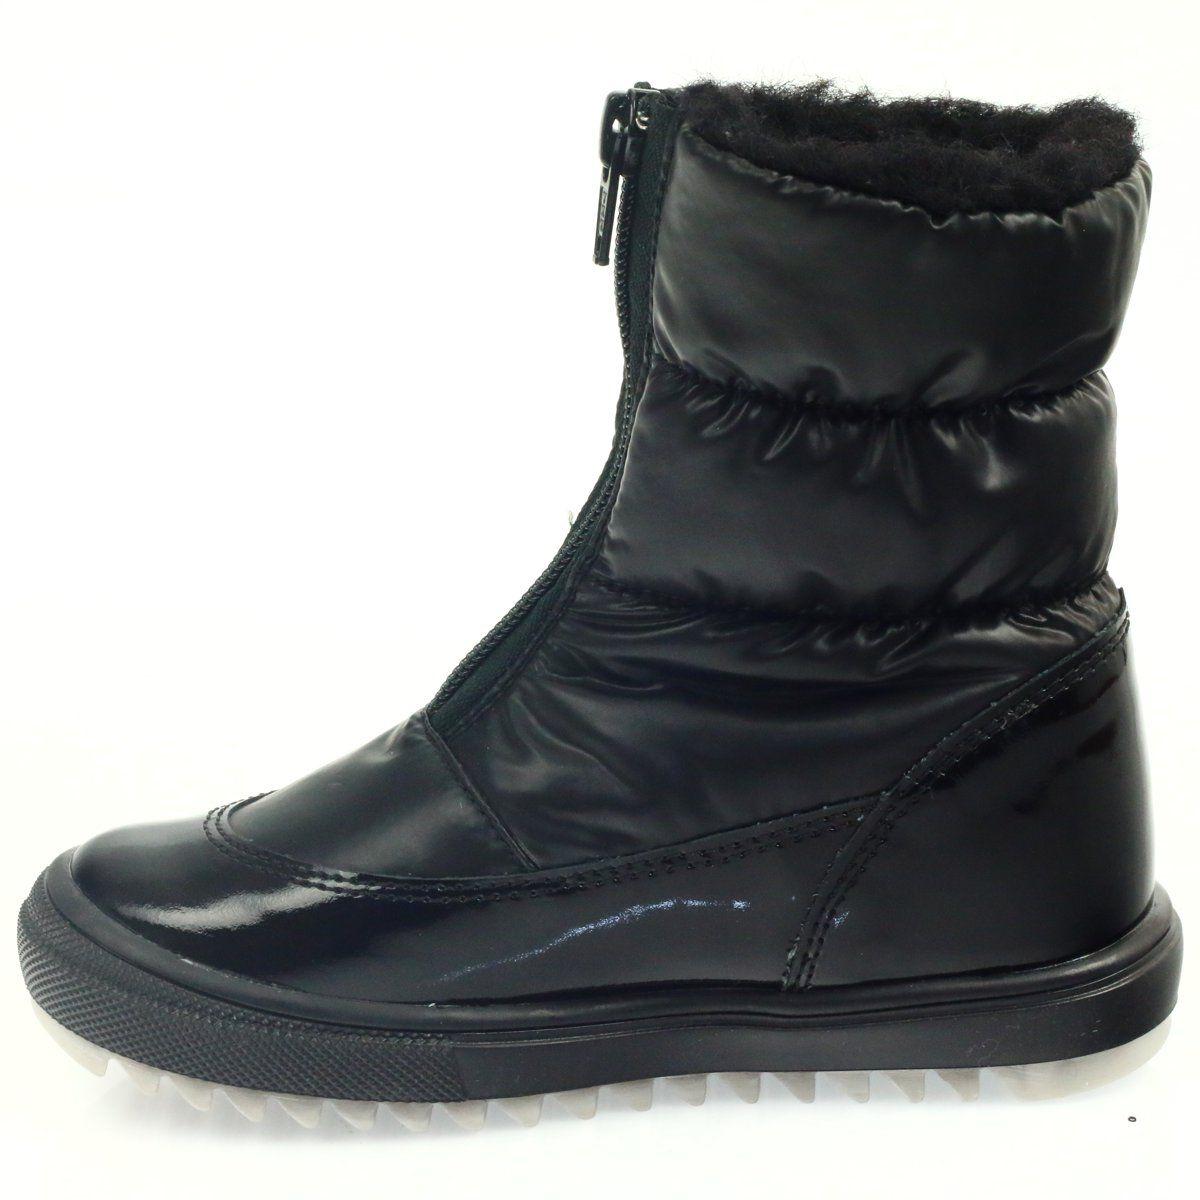 Kozaki Dla Dzieci Bartek Czarne Kozaczki Nieprzemakalne Bartek 44405 Boots Shoes Winter Boot